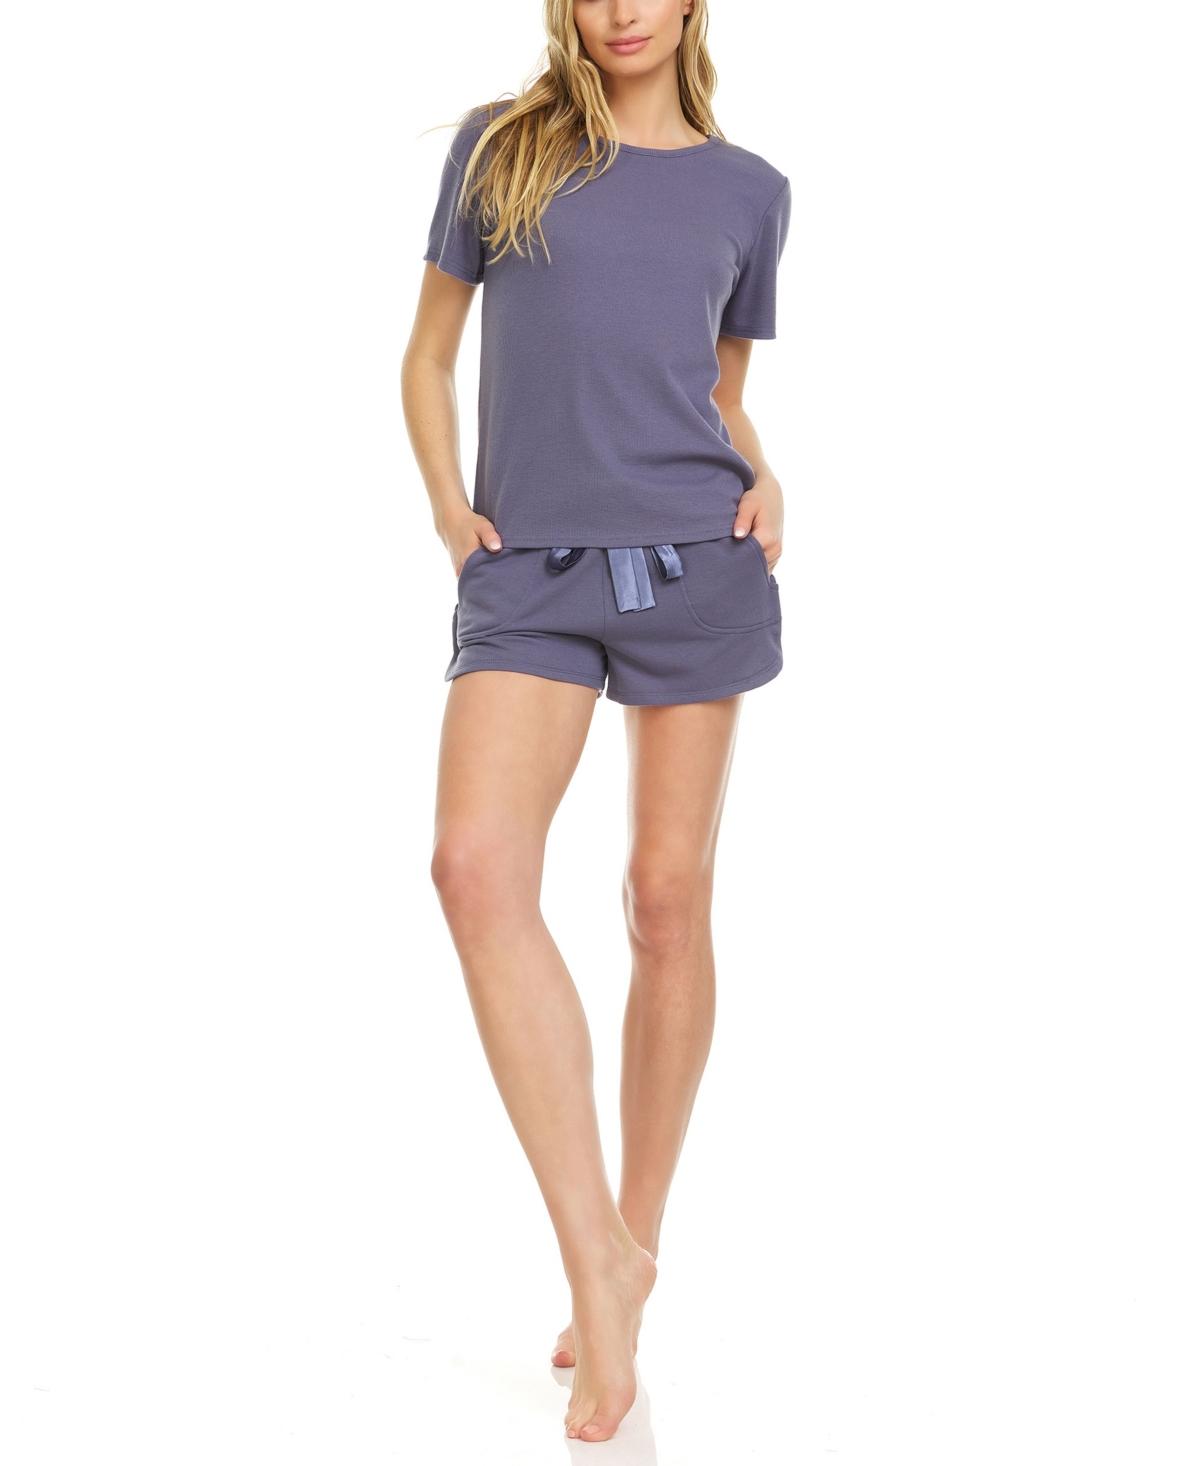 Women's Raven Knit Short Set, 2 Piece